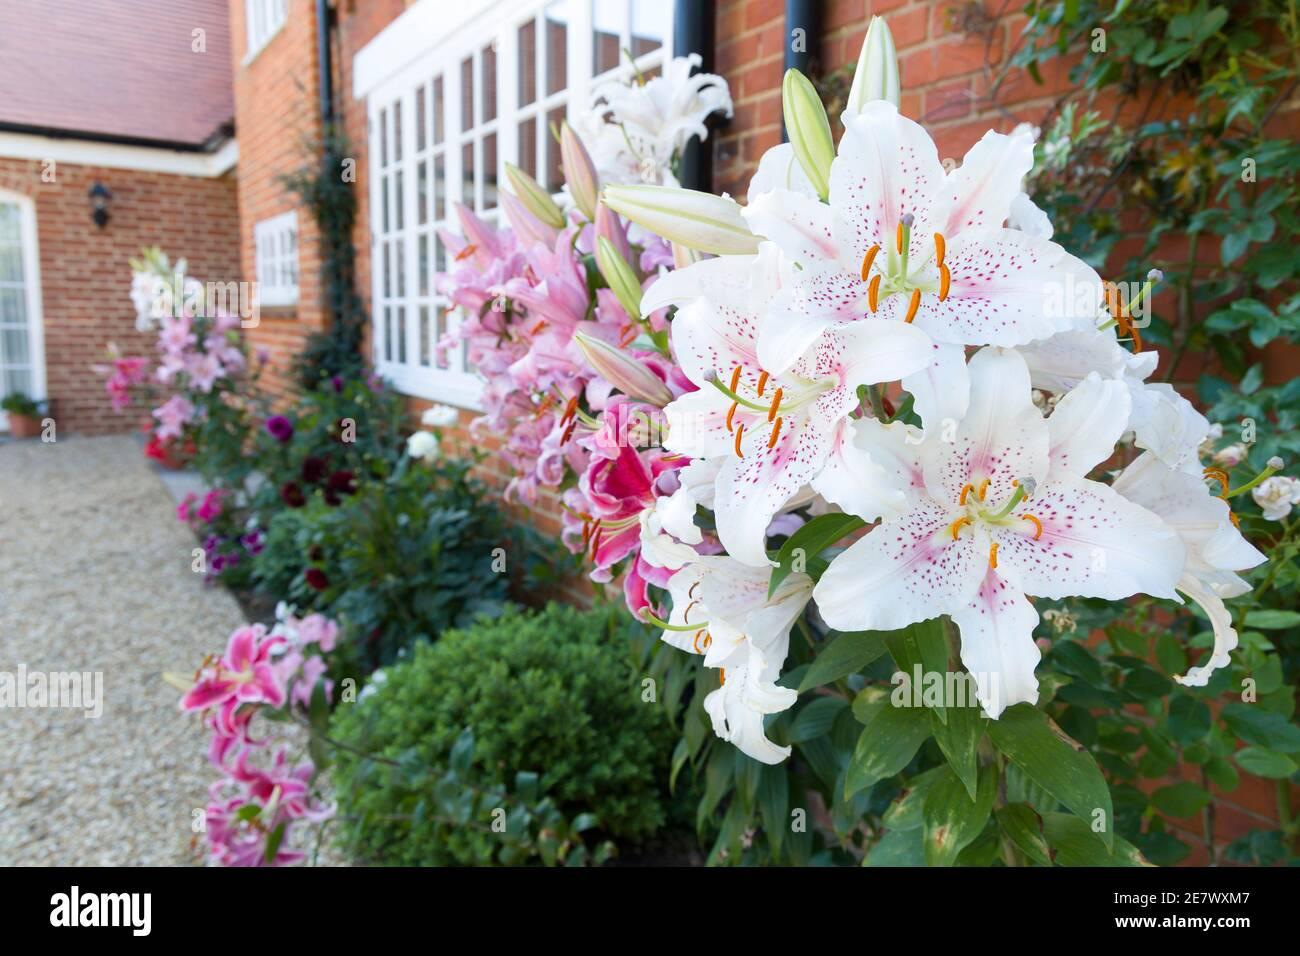 Gigli orientali, giglio di Muscadet in un confine fiorito, giardino inglese, Regno Unito Foto Stock